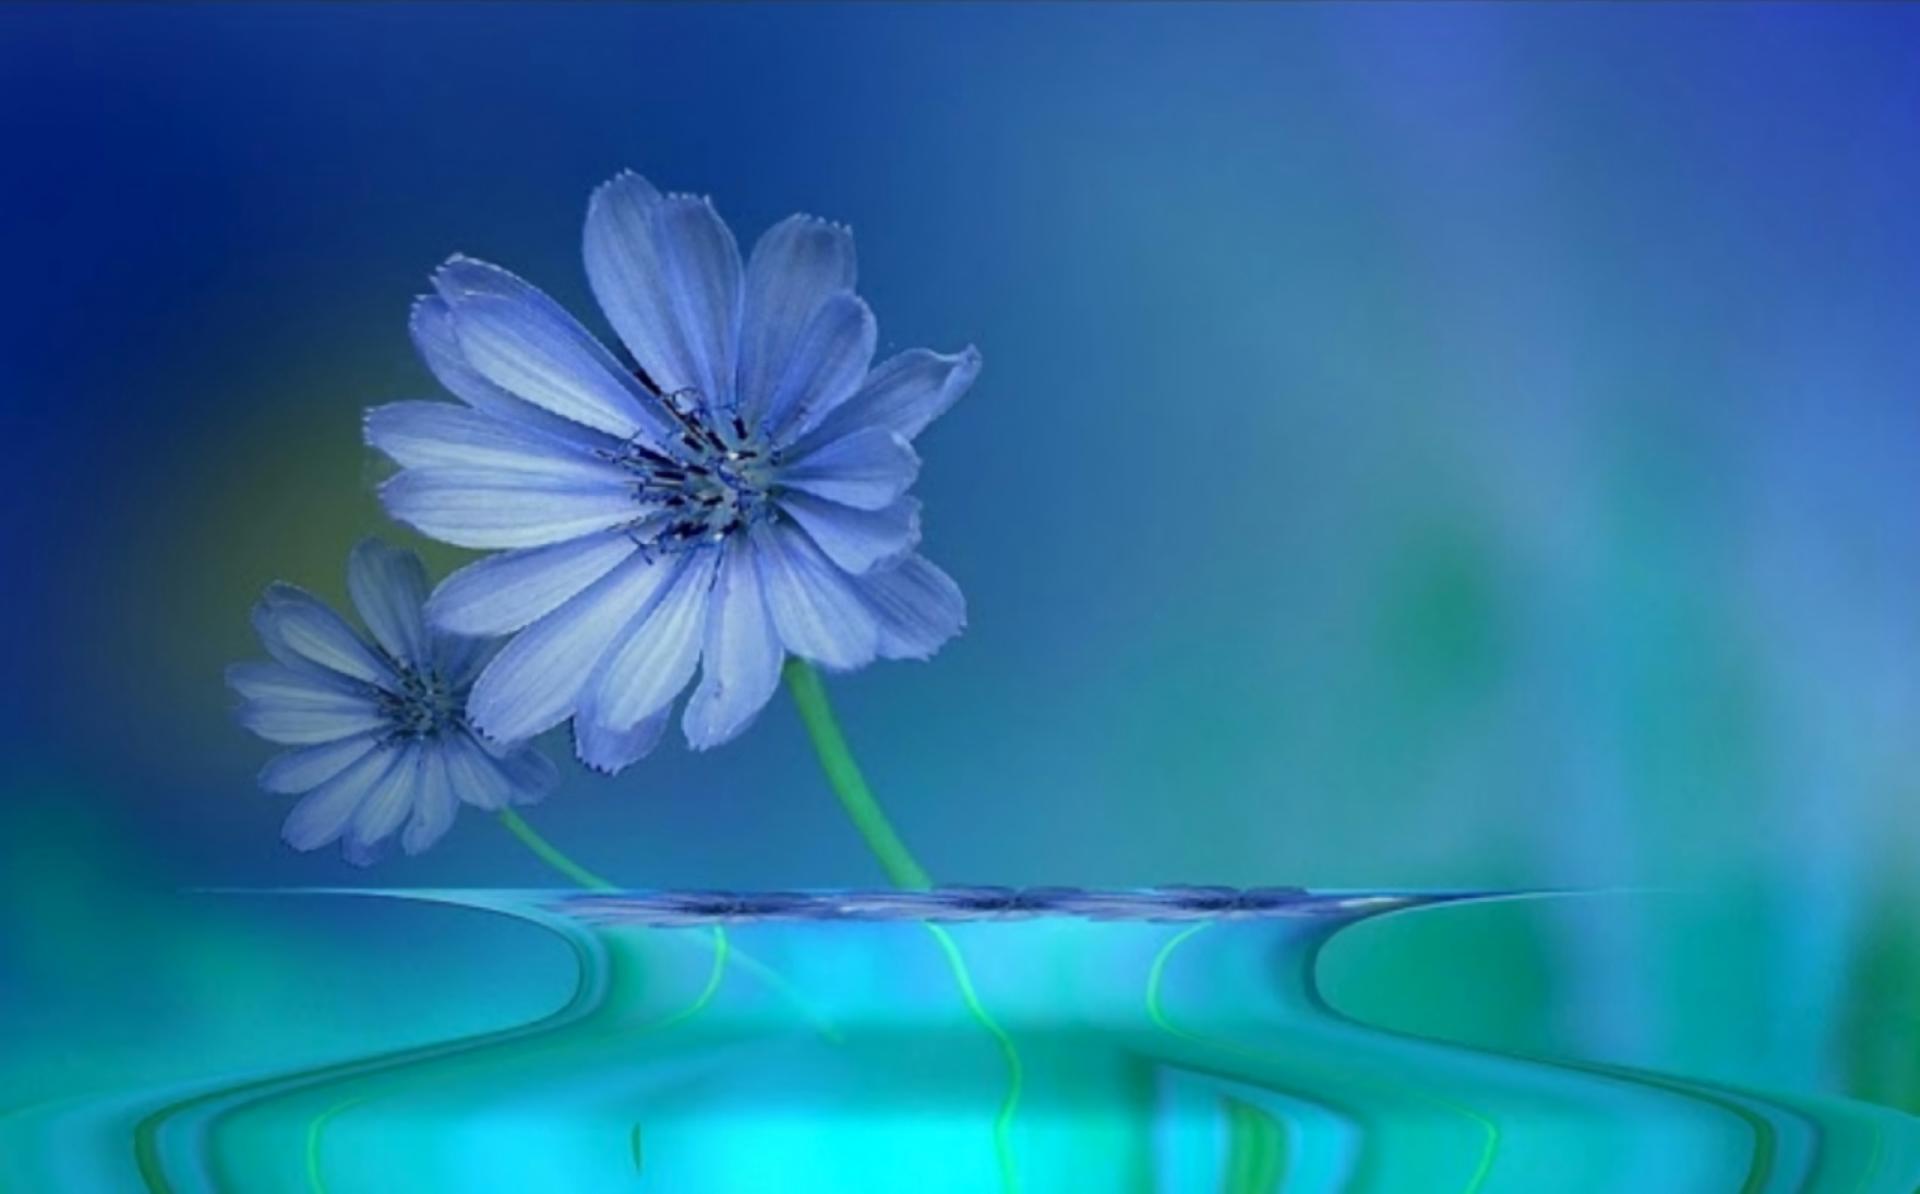 艺术 - 花  艺术 蓝色 水 倒影 Blue Flower 壁纸